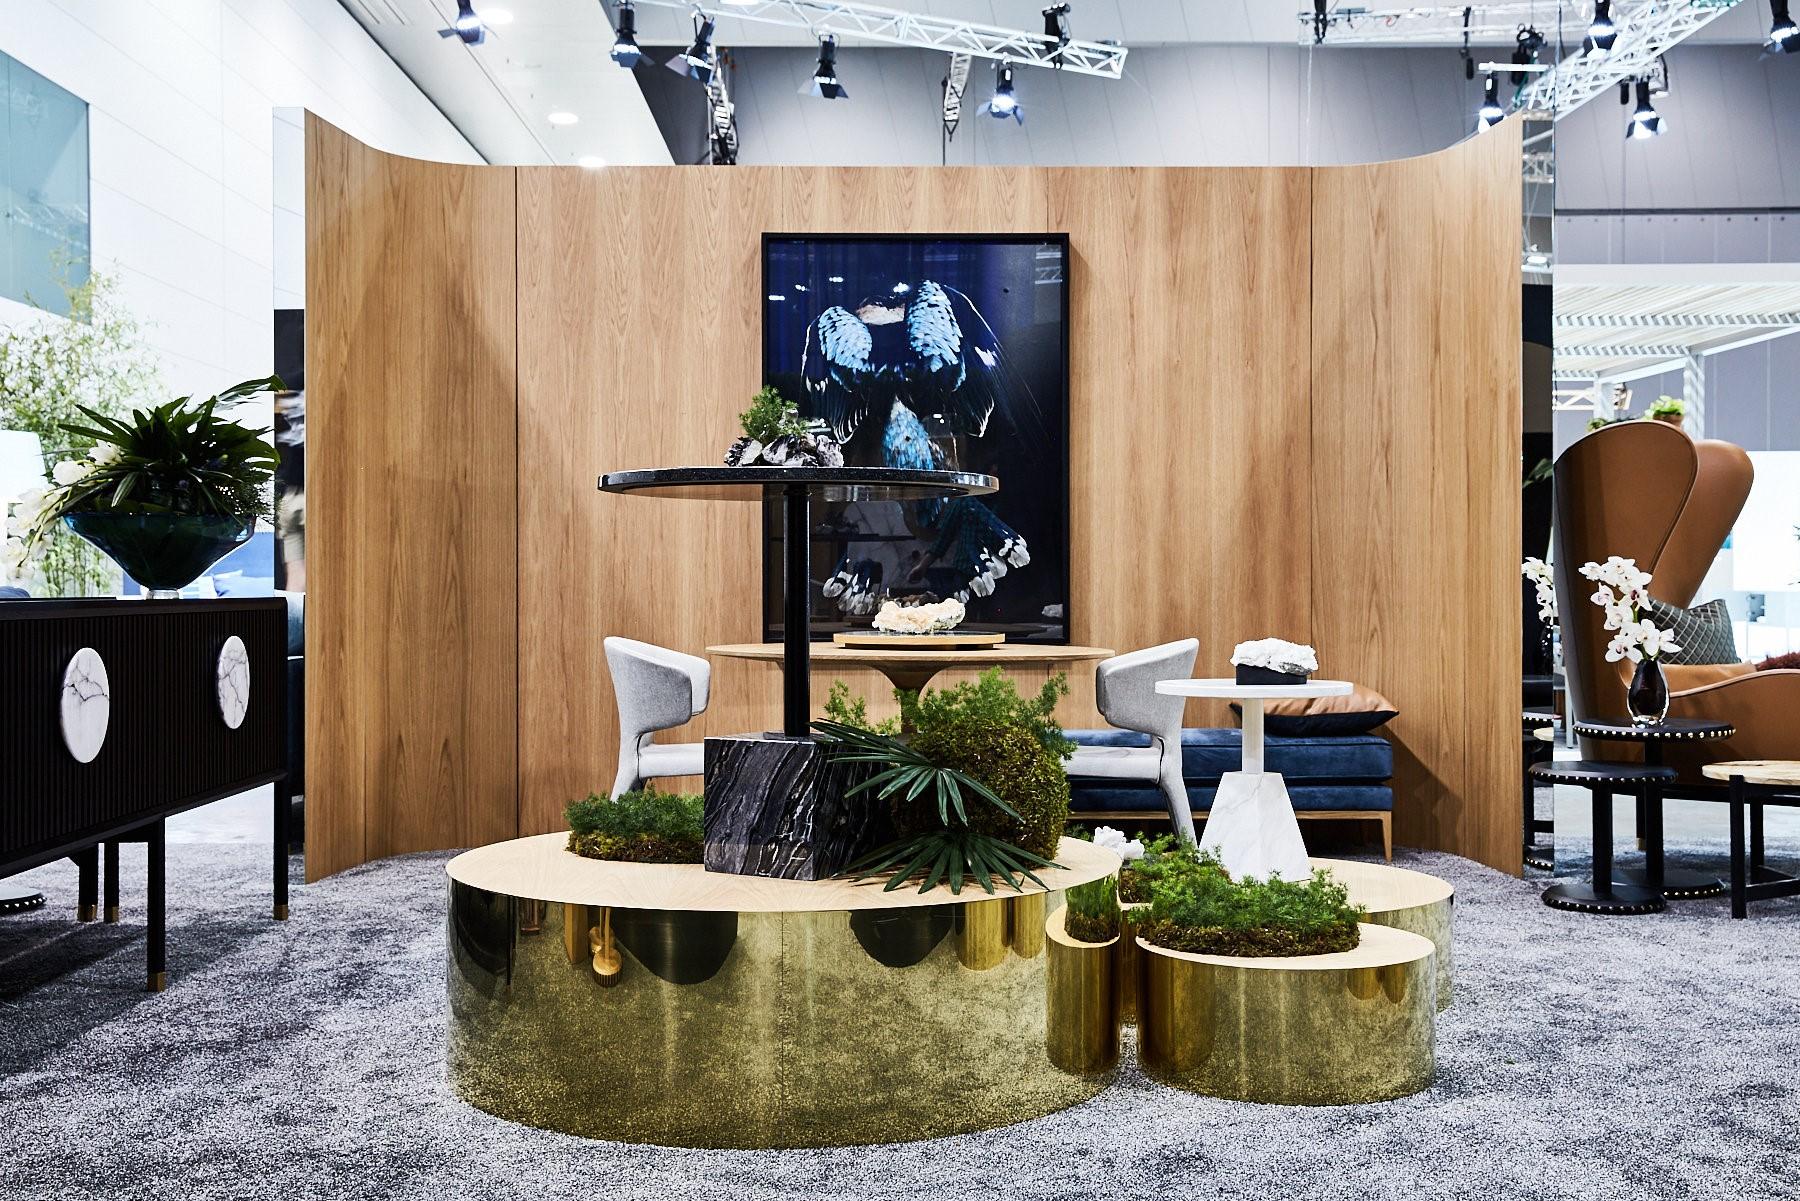 Halo Buffet, New Gem Outdoor tables, Sabrina Ottoman & Kookaburra Artwork Gary Heery